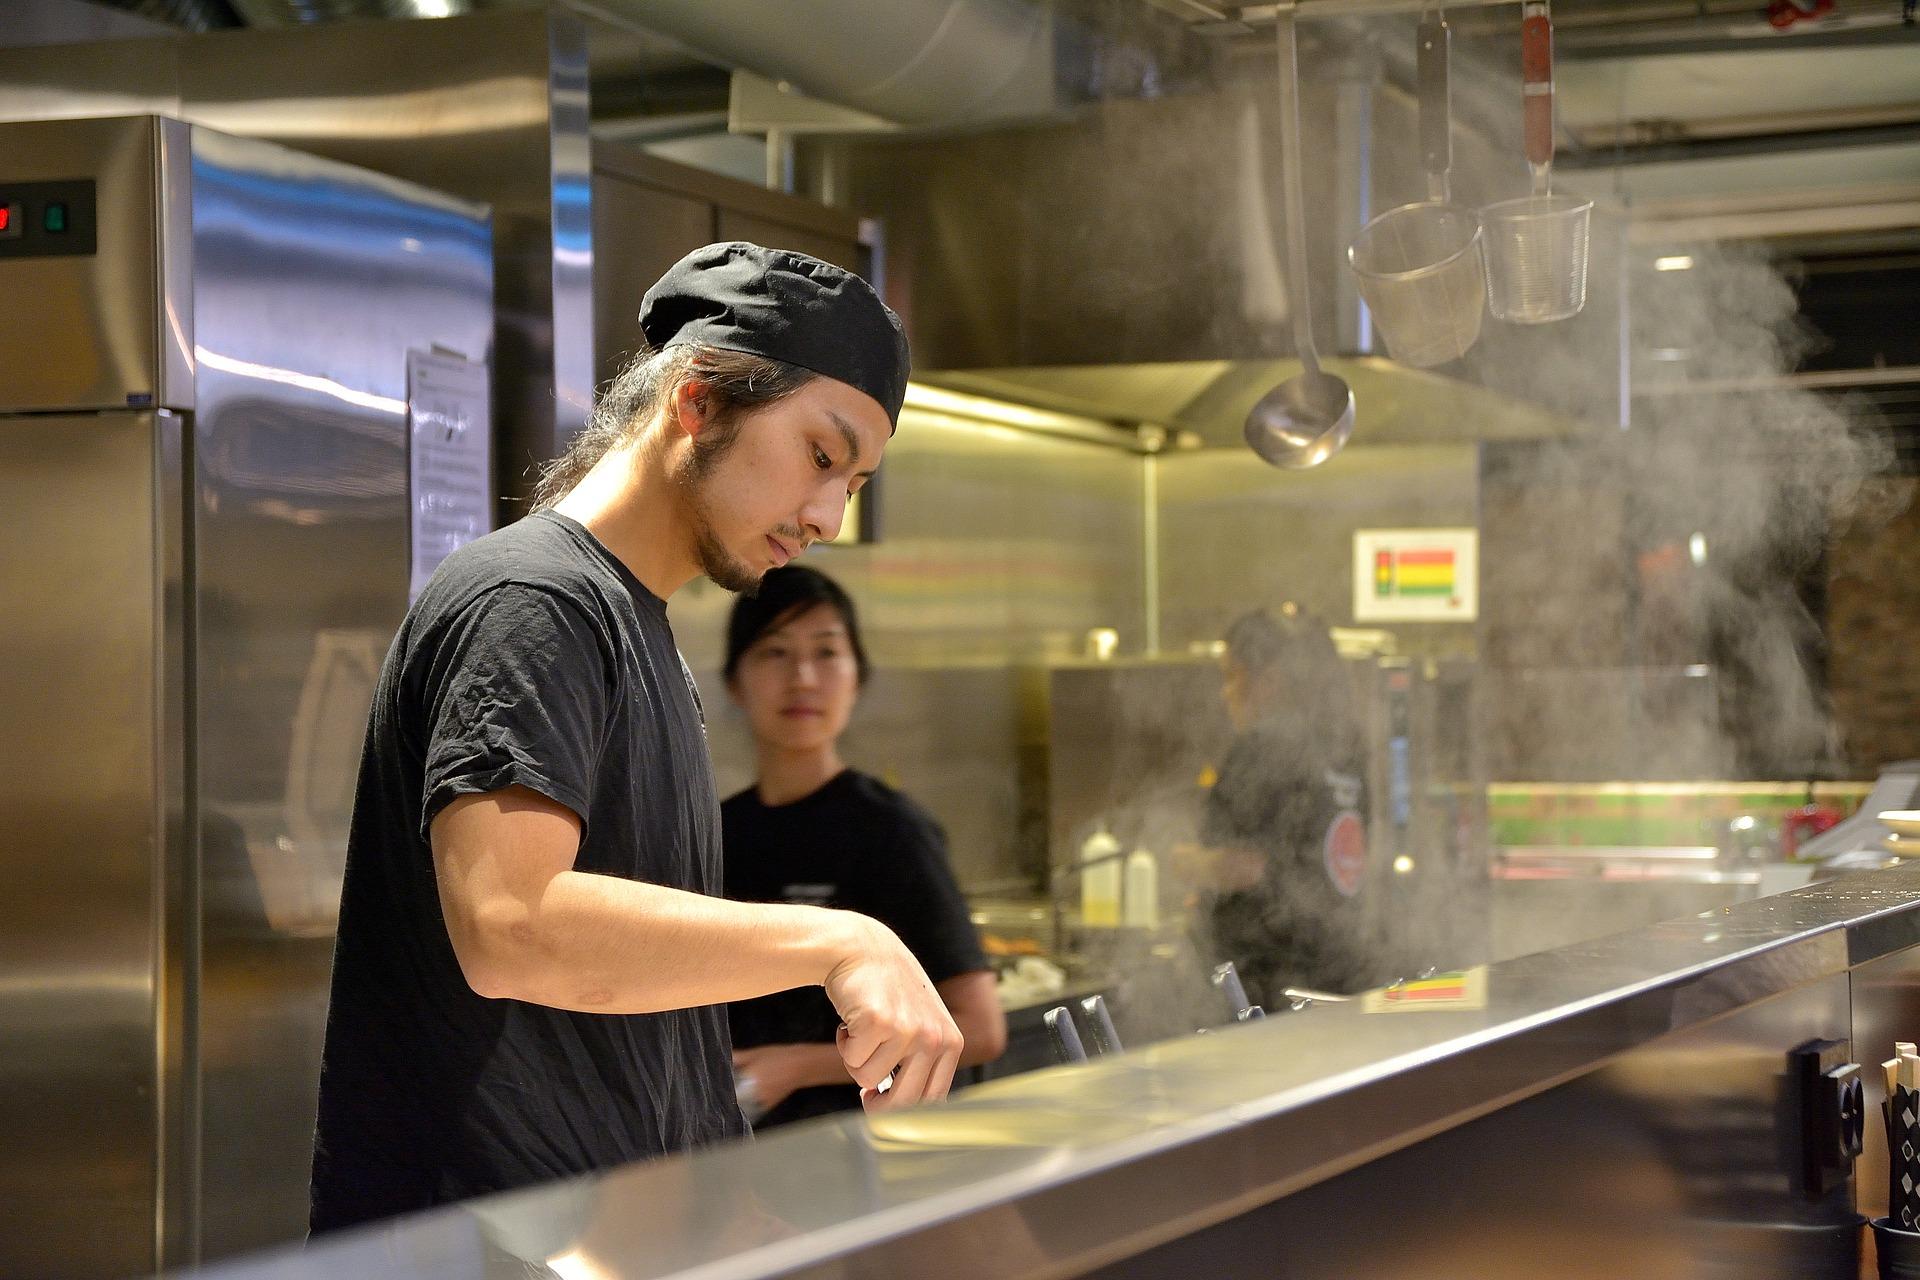 ゴーストレストラン開業の為の間借り物件の選び方